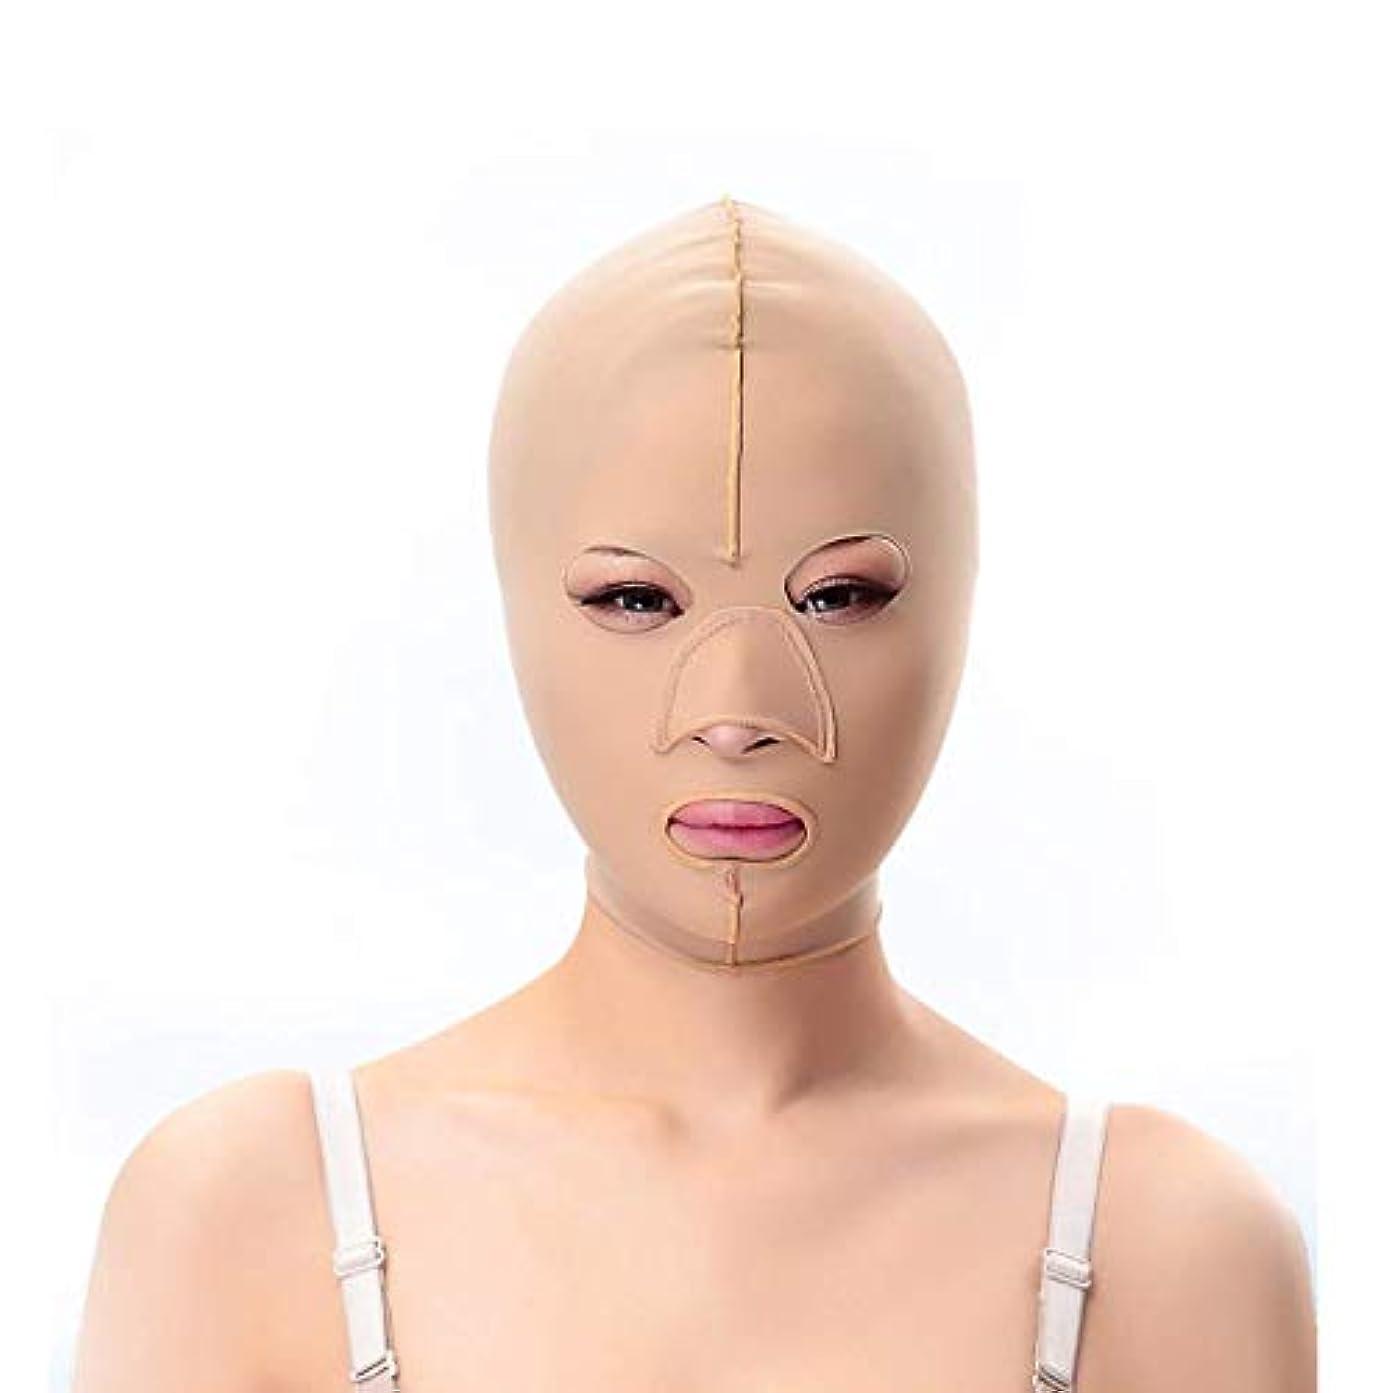 バンガロー喜びコーヒースリミングベルト、フェイシャルマスク薄いフェイスマスク布布パターンリフティングダブルあご引き締めフェイシャルプラスチック顔アーティファクト強力な顔包帯(サイズ:S)